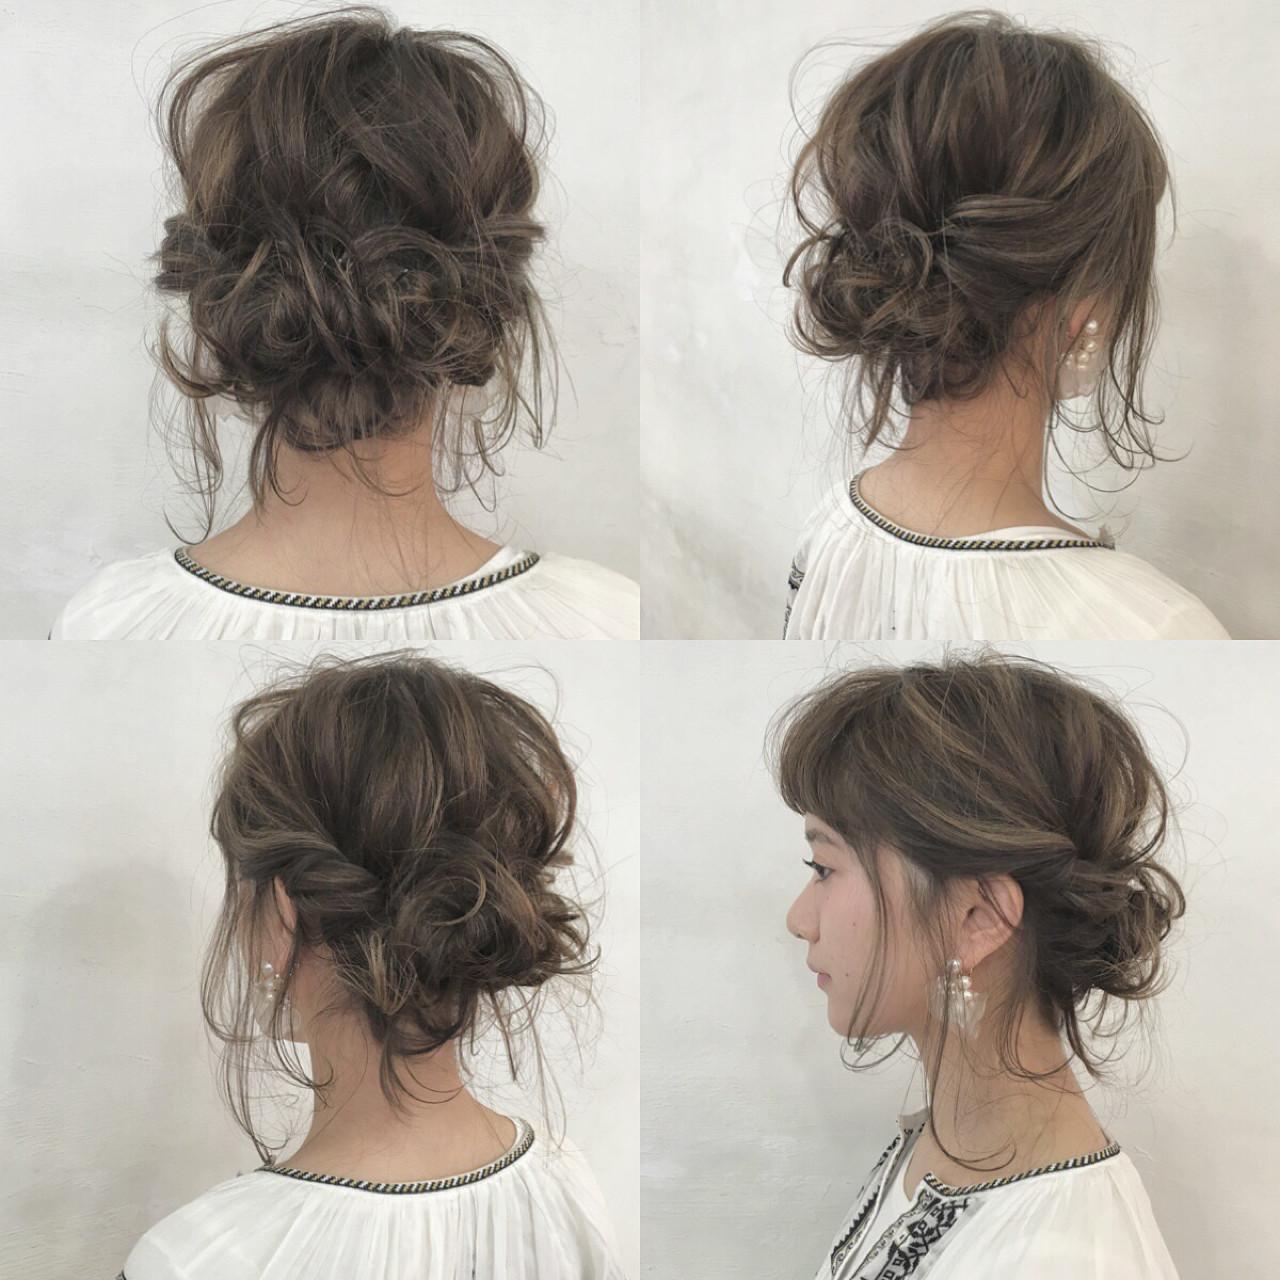 ヘアアレンジ 編み込み インナーカラー ショート ヘアスタイルや髪型の写真・画像